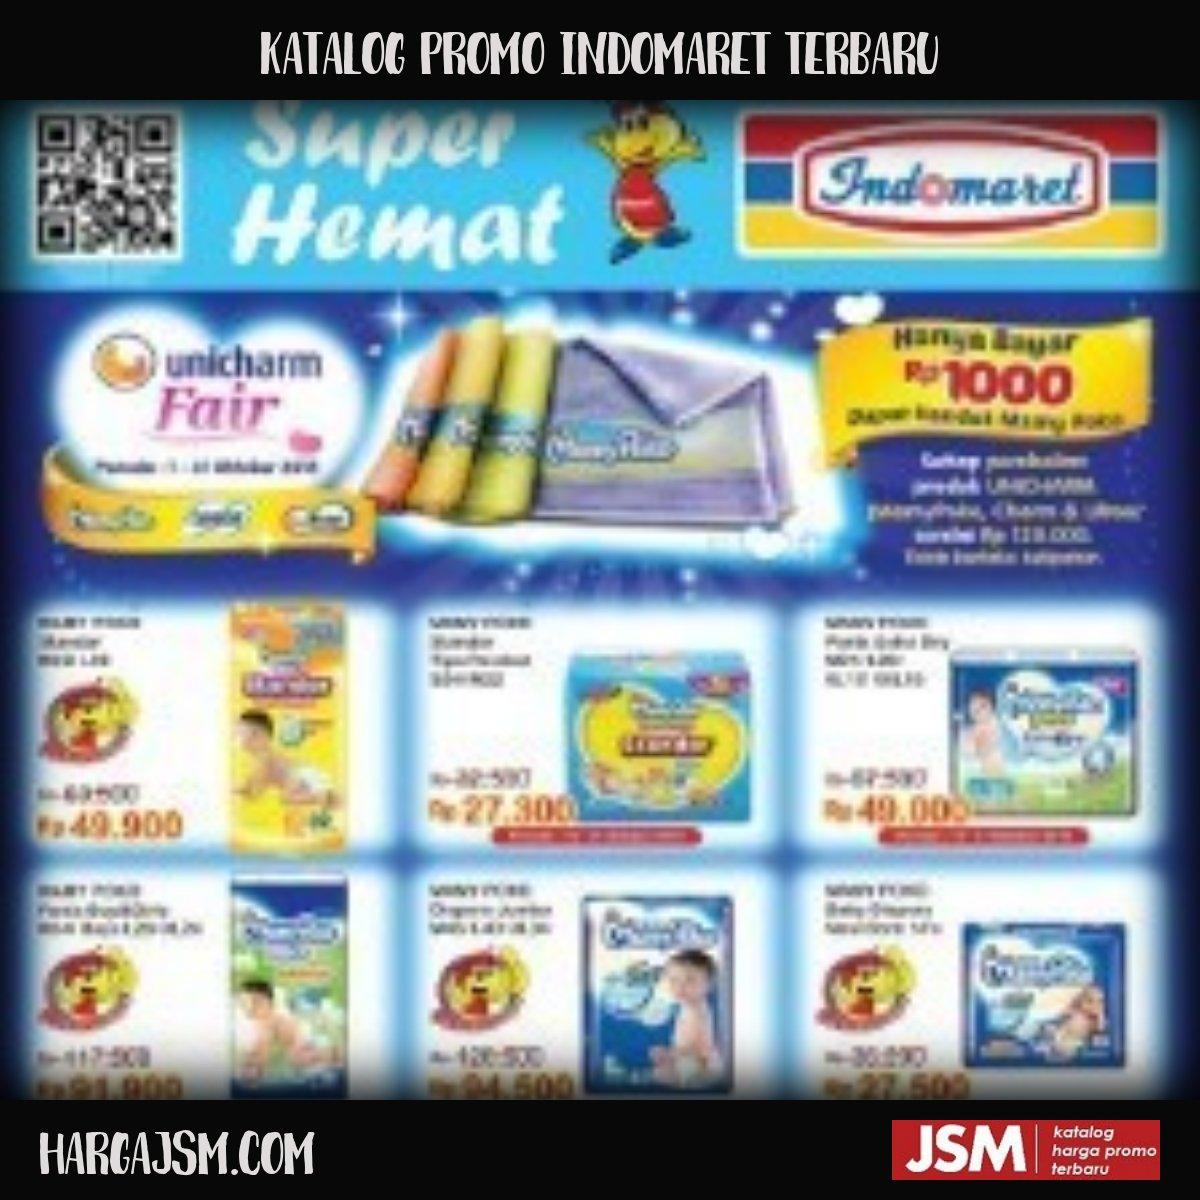 Katalog Promo Jsm Alfamart Voucher Alfa Dan Indomaret Rentang Waktu 1 15 Agustus 2016 Suah Diluncurkan Jadi Janganlah Sampai Oleh Dengan Yang Terbatas Ini Buat Keinginan Setiap Hari